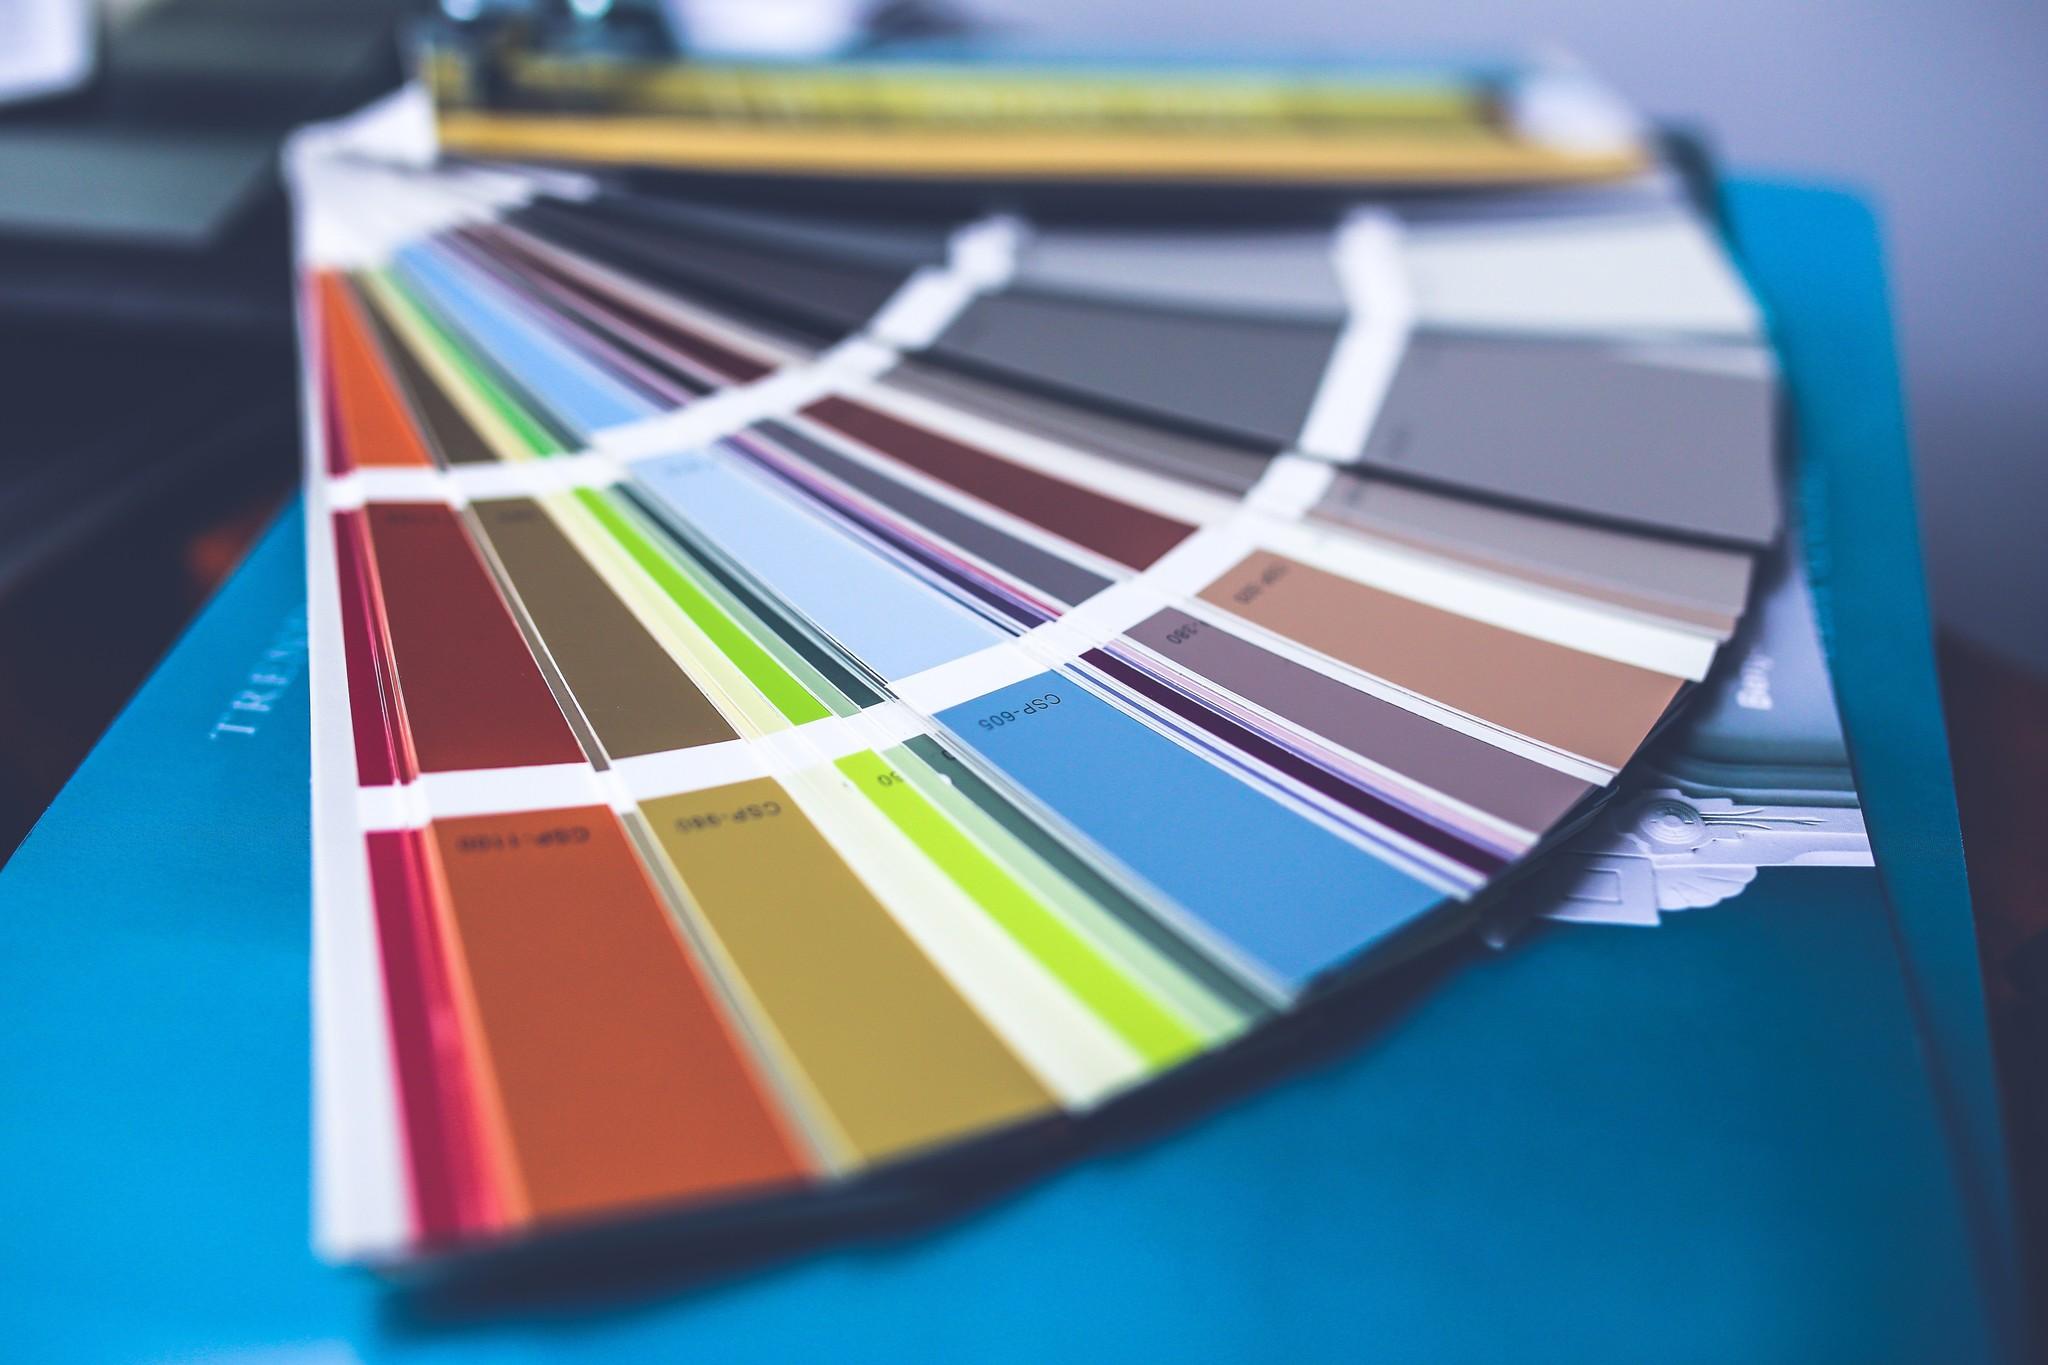 Verfkleur kiezen? Tips bij het kiezen van een kleur verf!